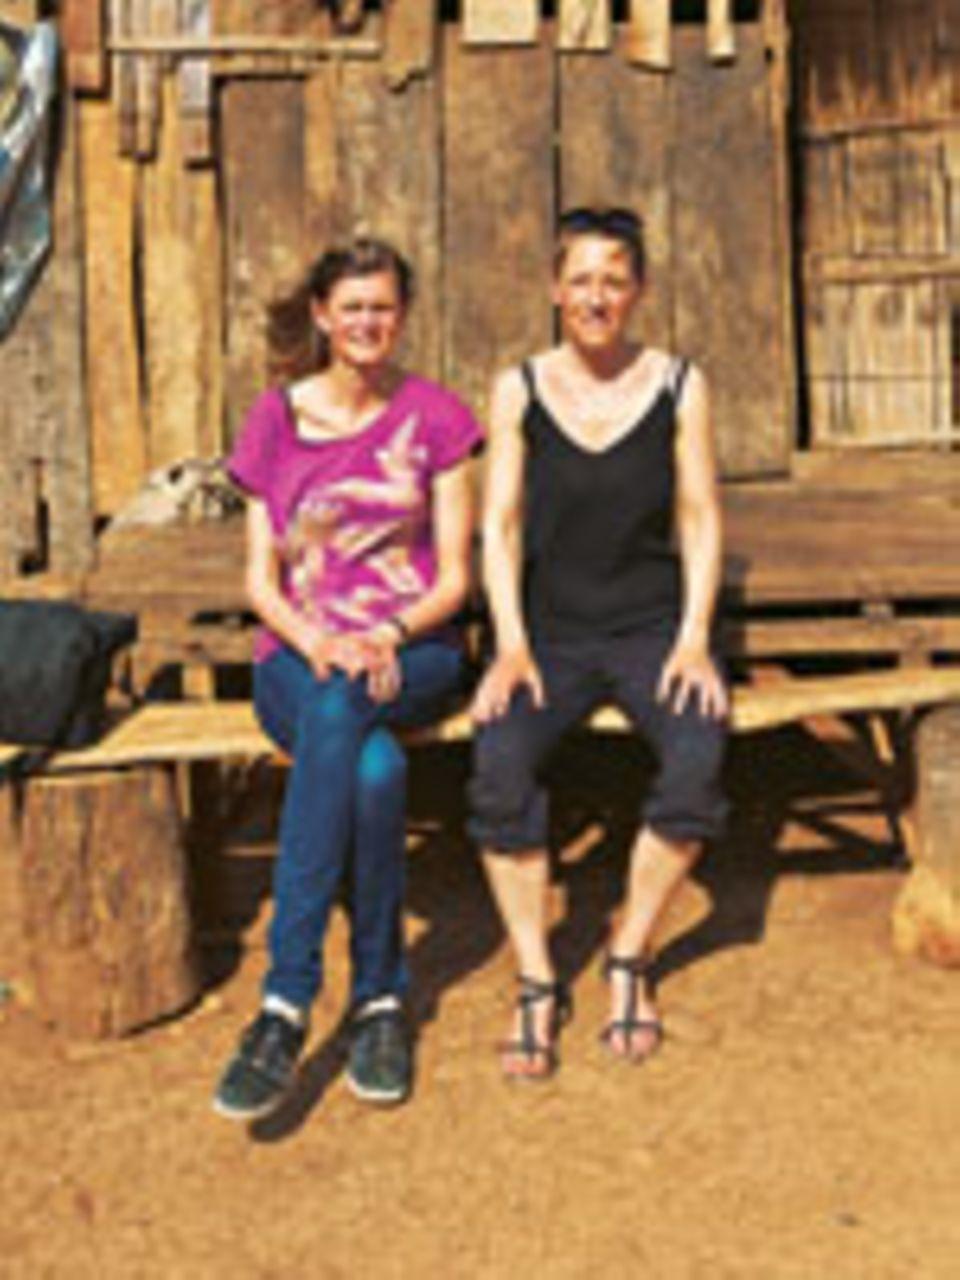 Fotografin Julia Knop (Rechts) und Autorin Meike Dinklage